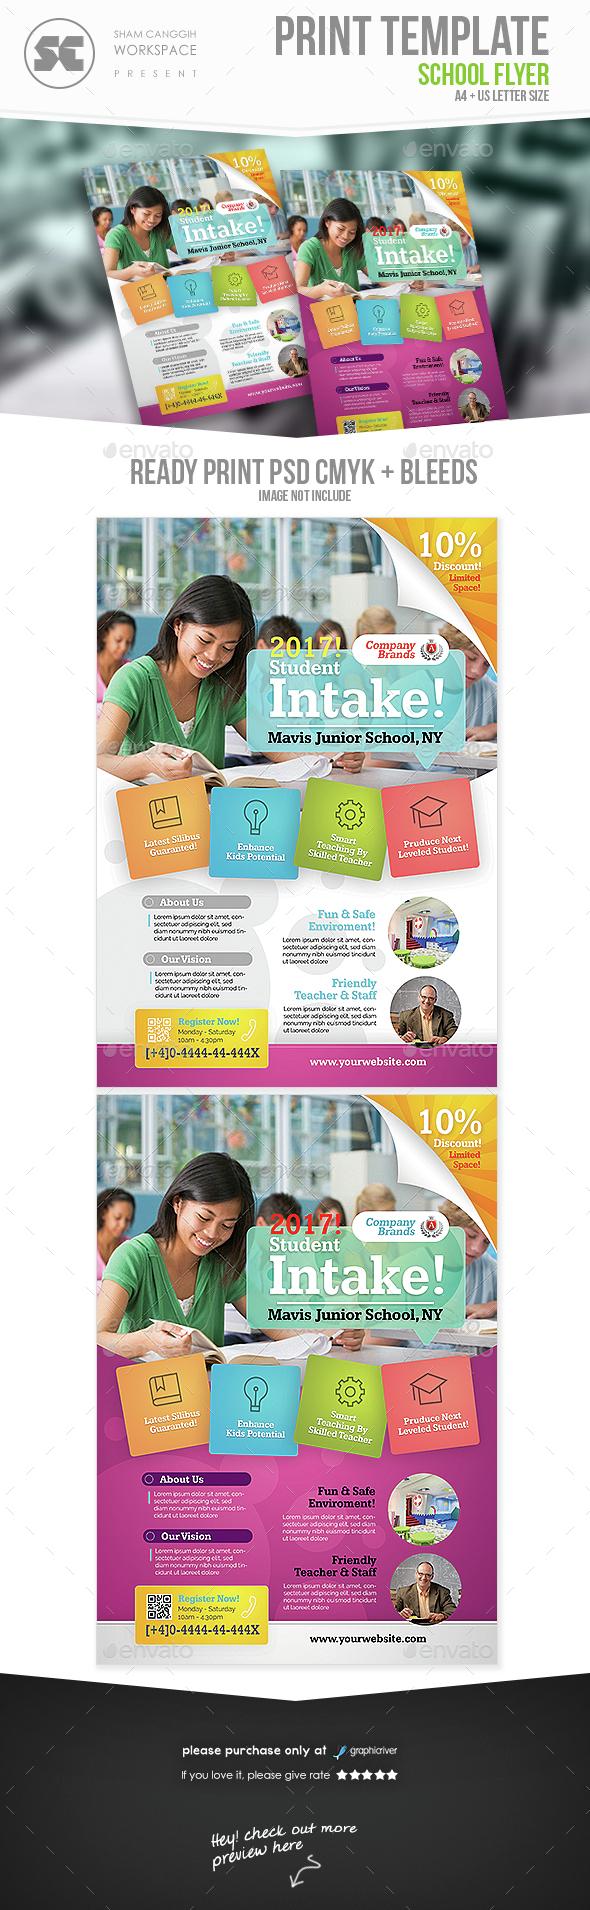 school flyers examples